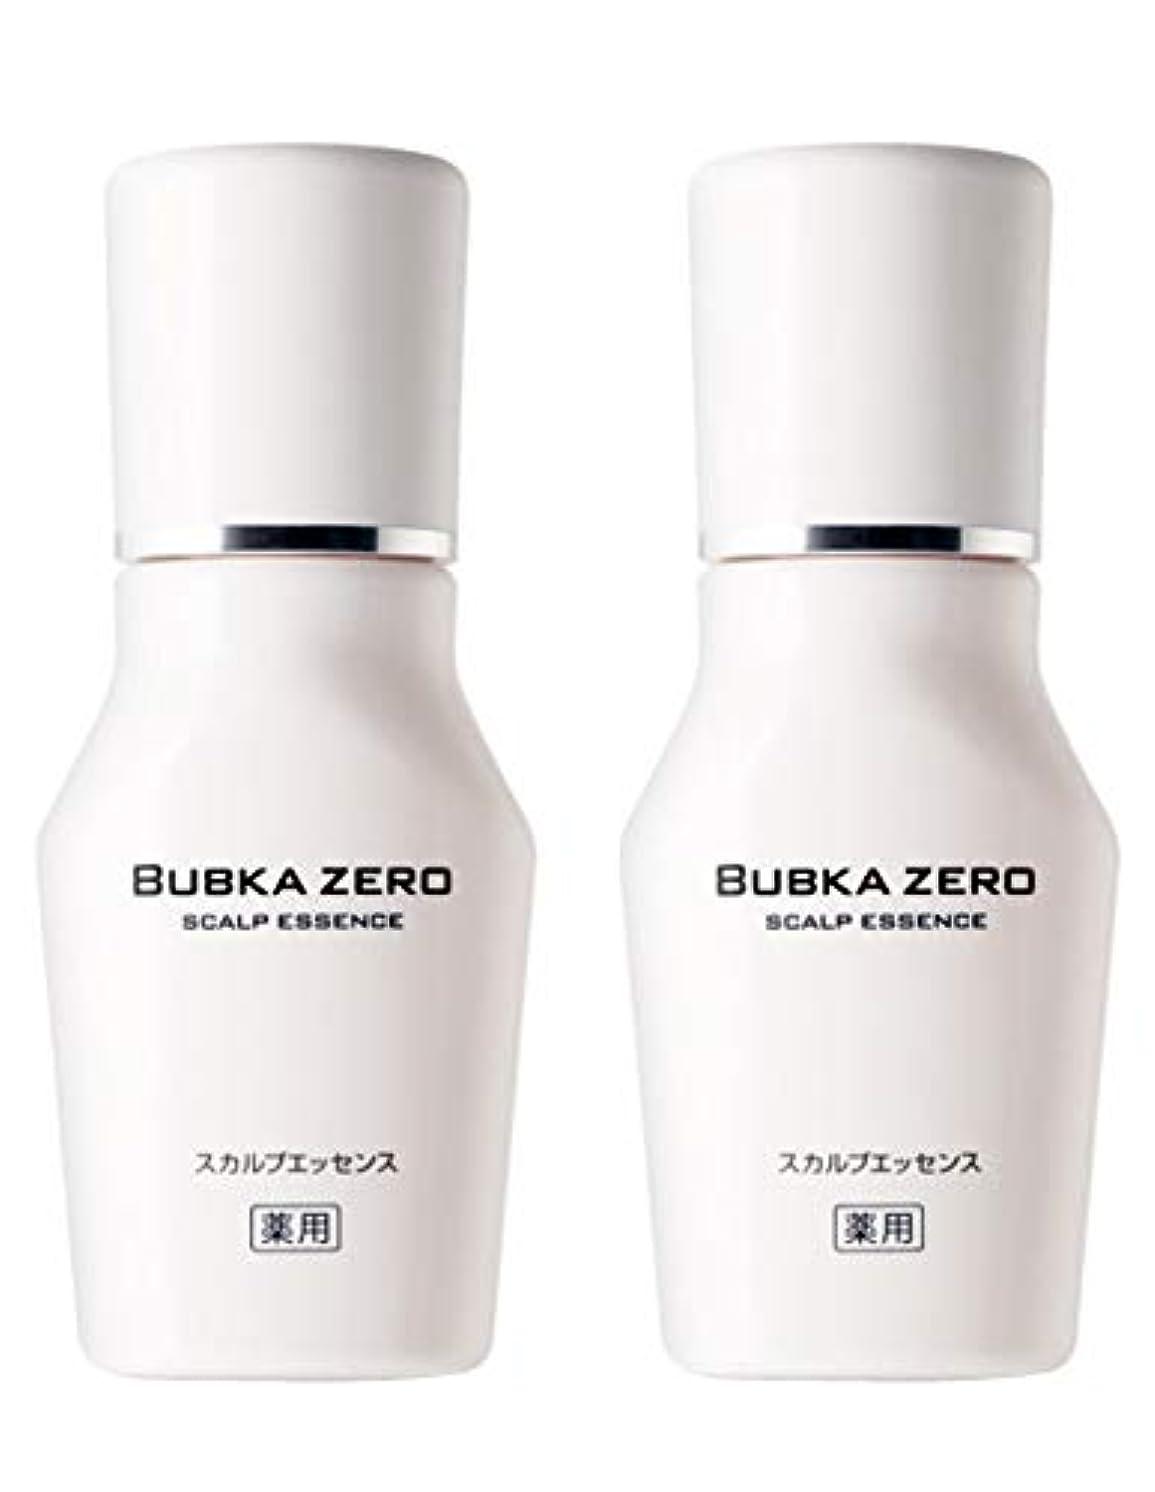 化学薬品信じられない不確実【医薬部外品】BUBKA(ブブカ)薬用 スカルプエッセンス 育毛剤 BUBKA ZERO (ブブカ ゼロ)2本セット